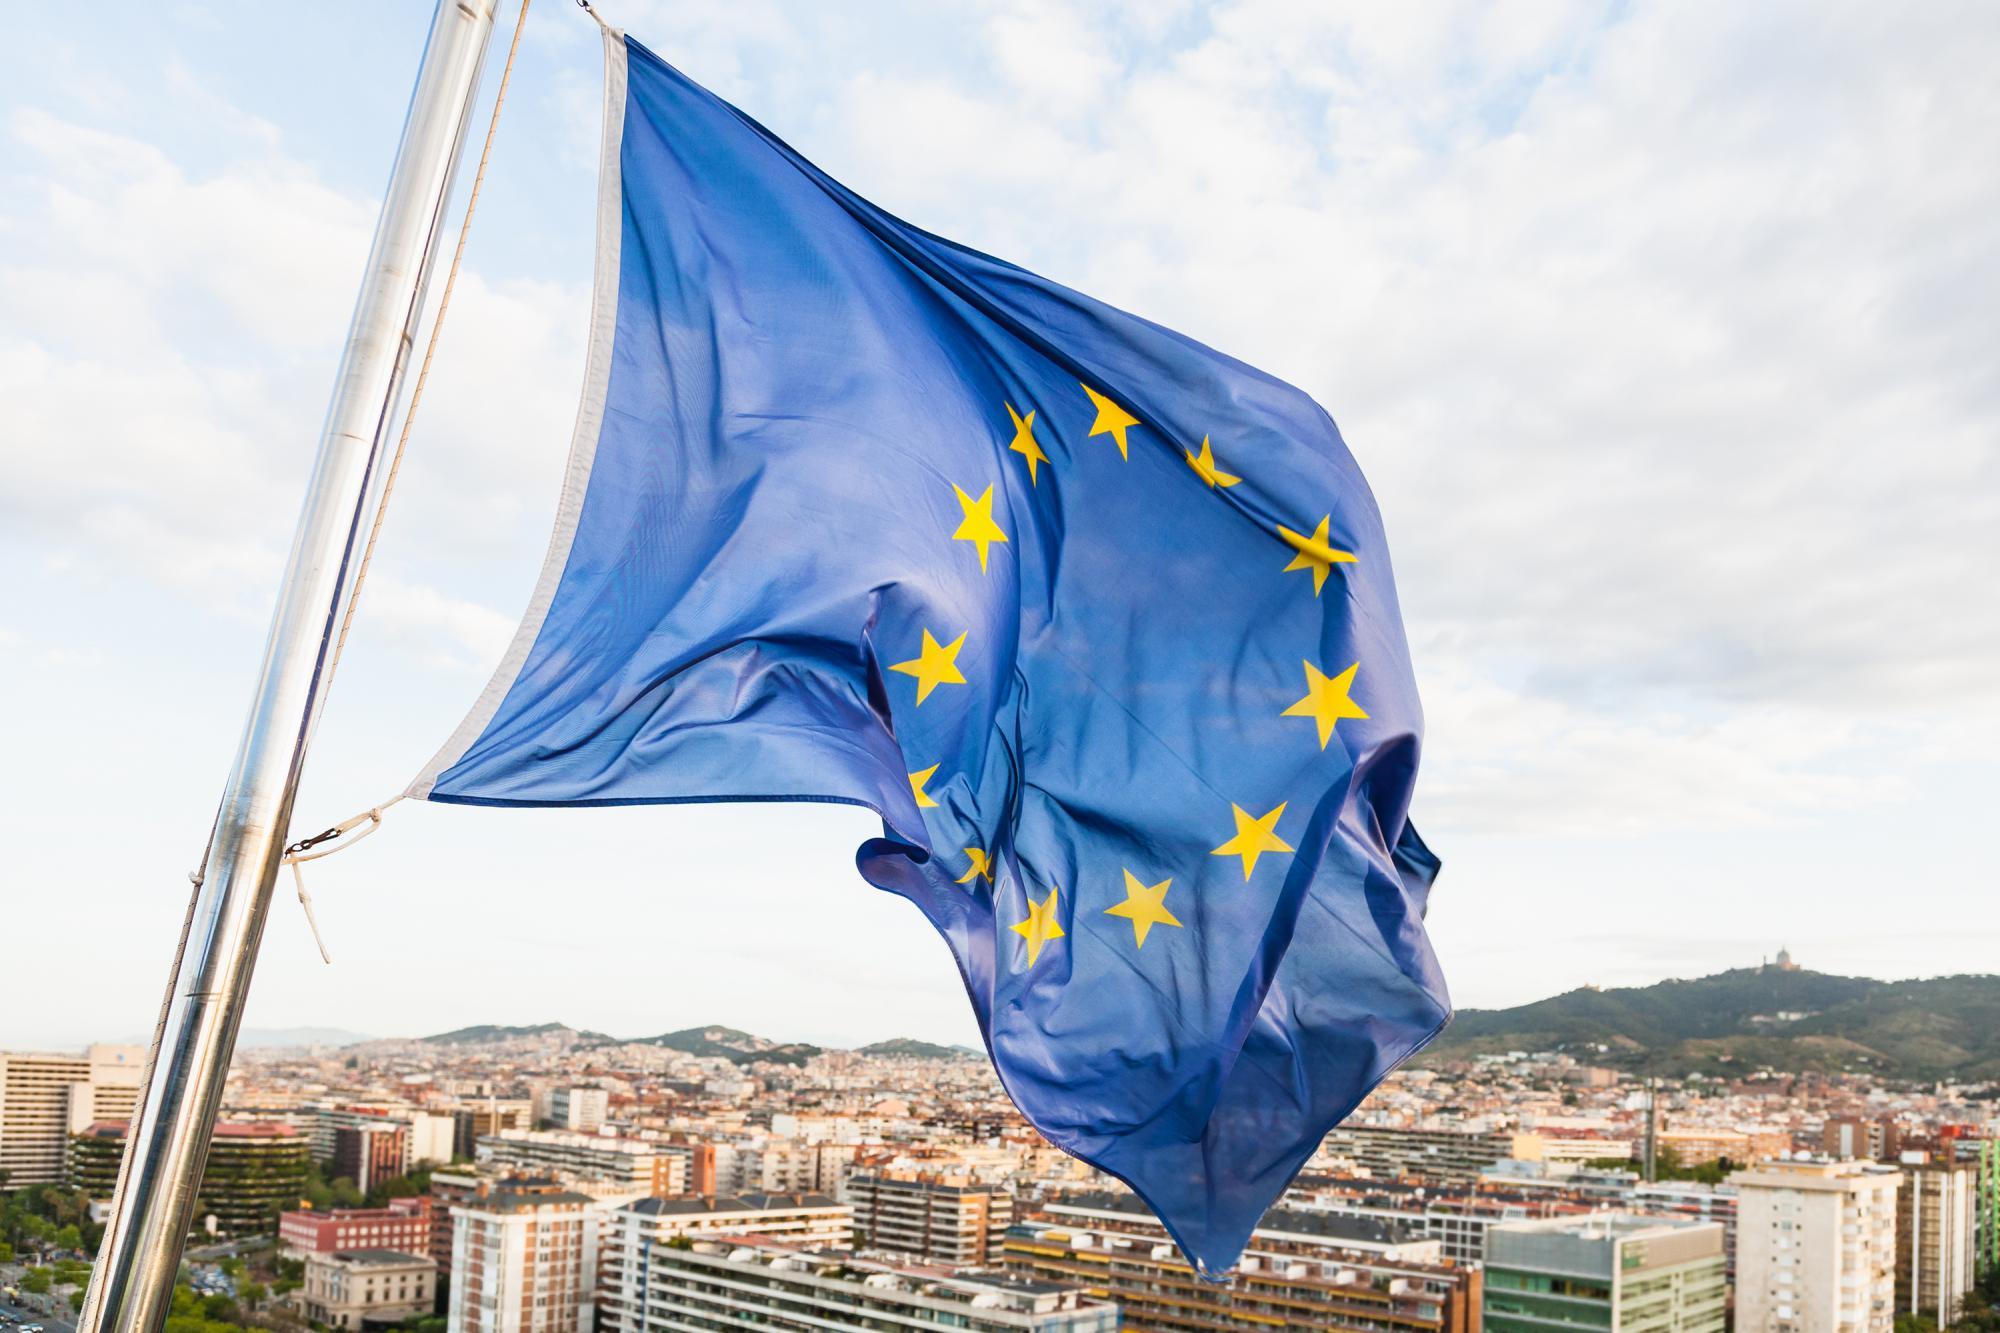 Налоговую систему Лихтенштейна положительно отметил Евросоюз